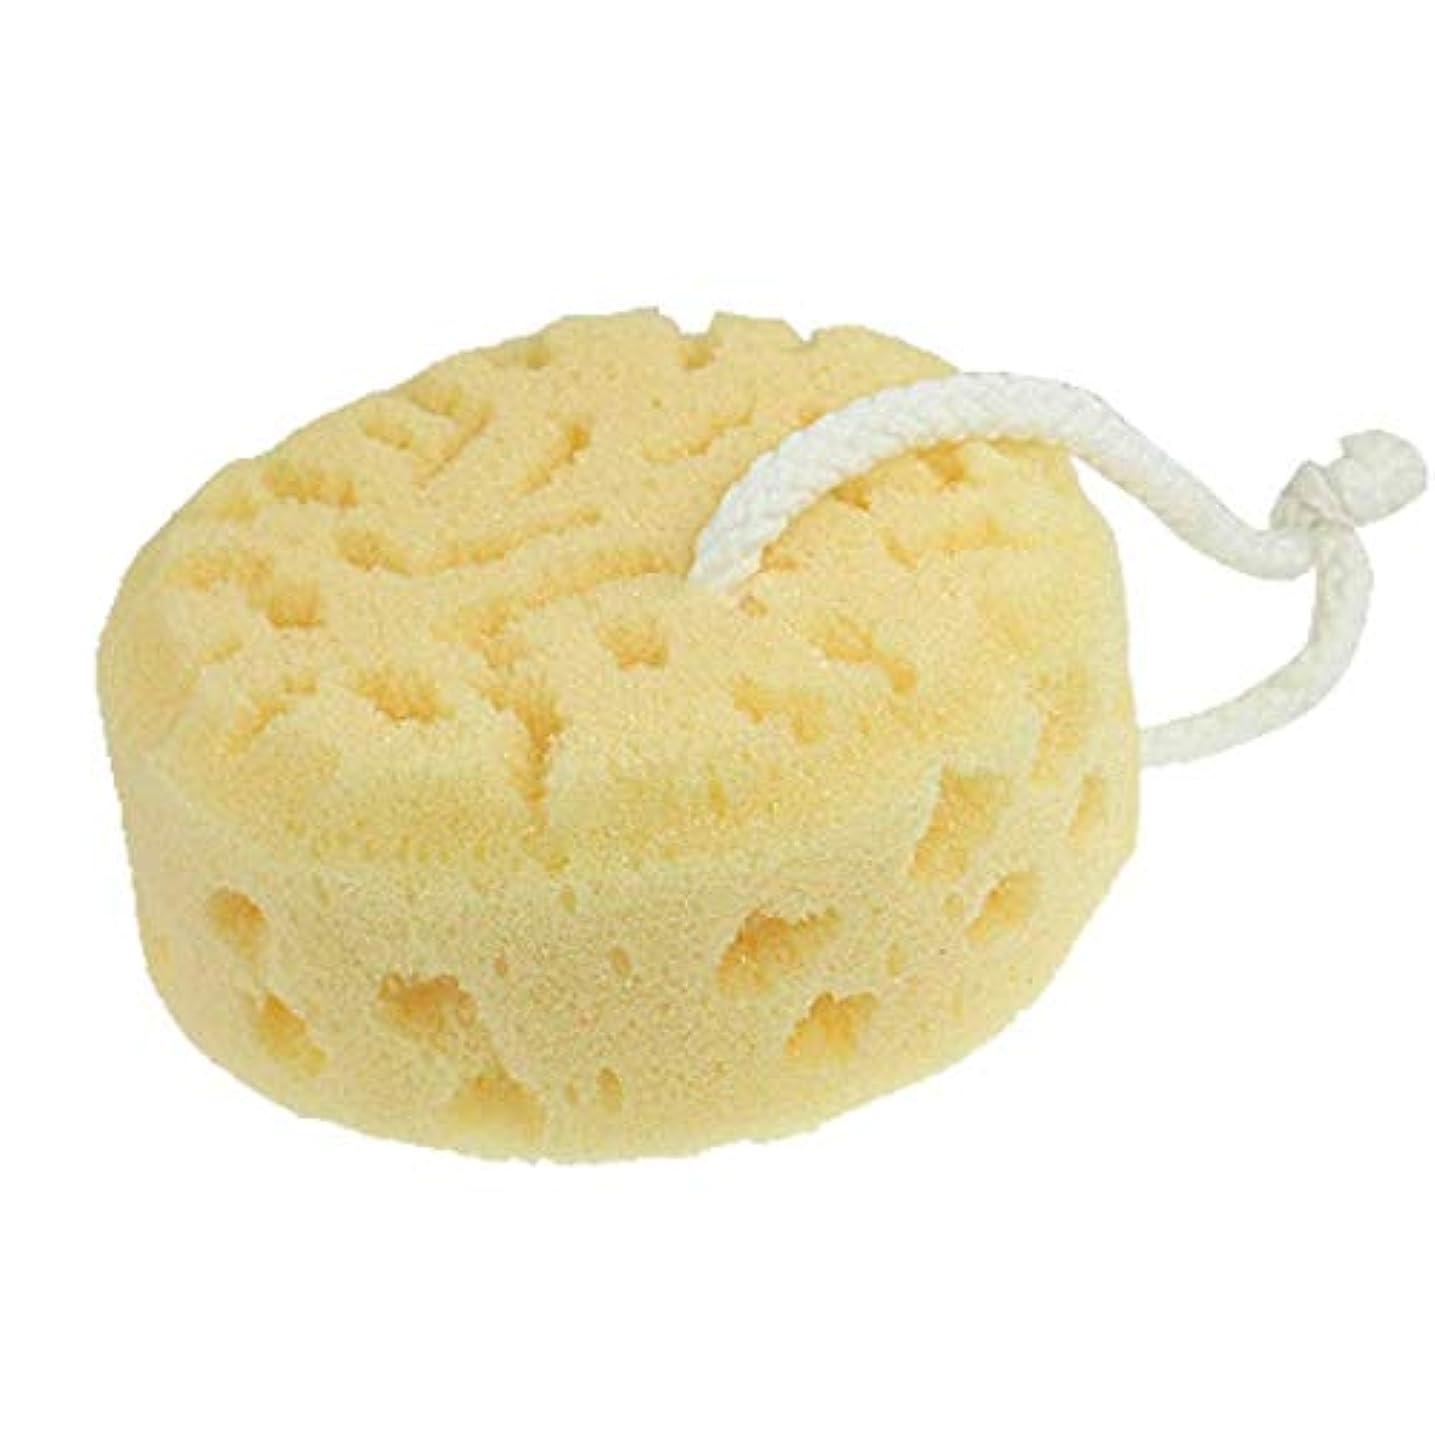 似ている礼儀与えるUotyle ボディスポンジ 泡立ち ふわふわ お風呂用 ボディ用ブラシ 肌にやさしい 浴用スポンジ